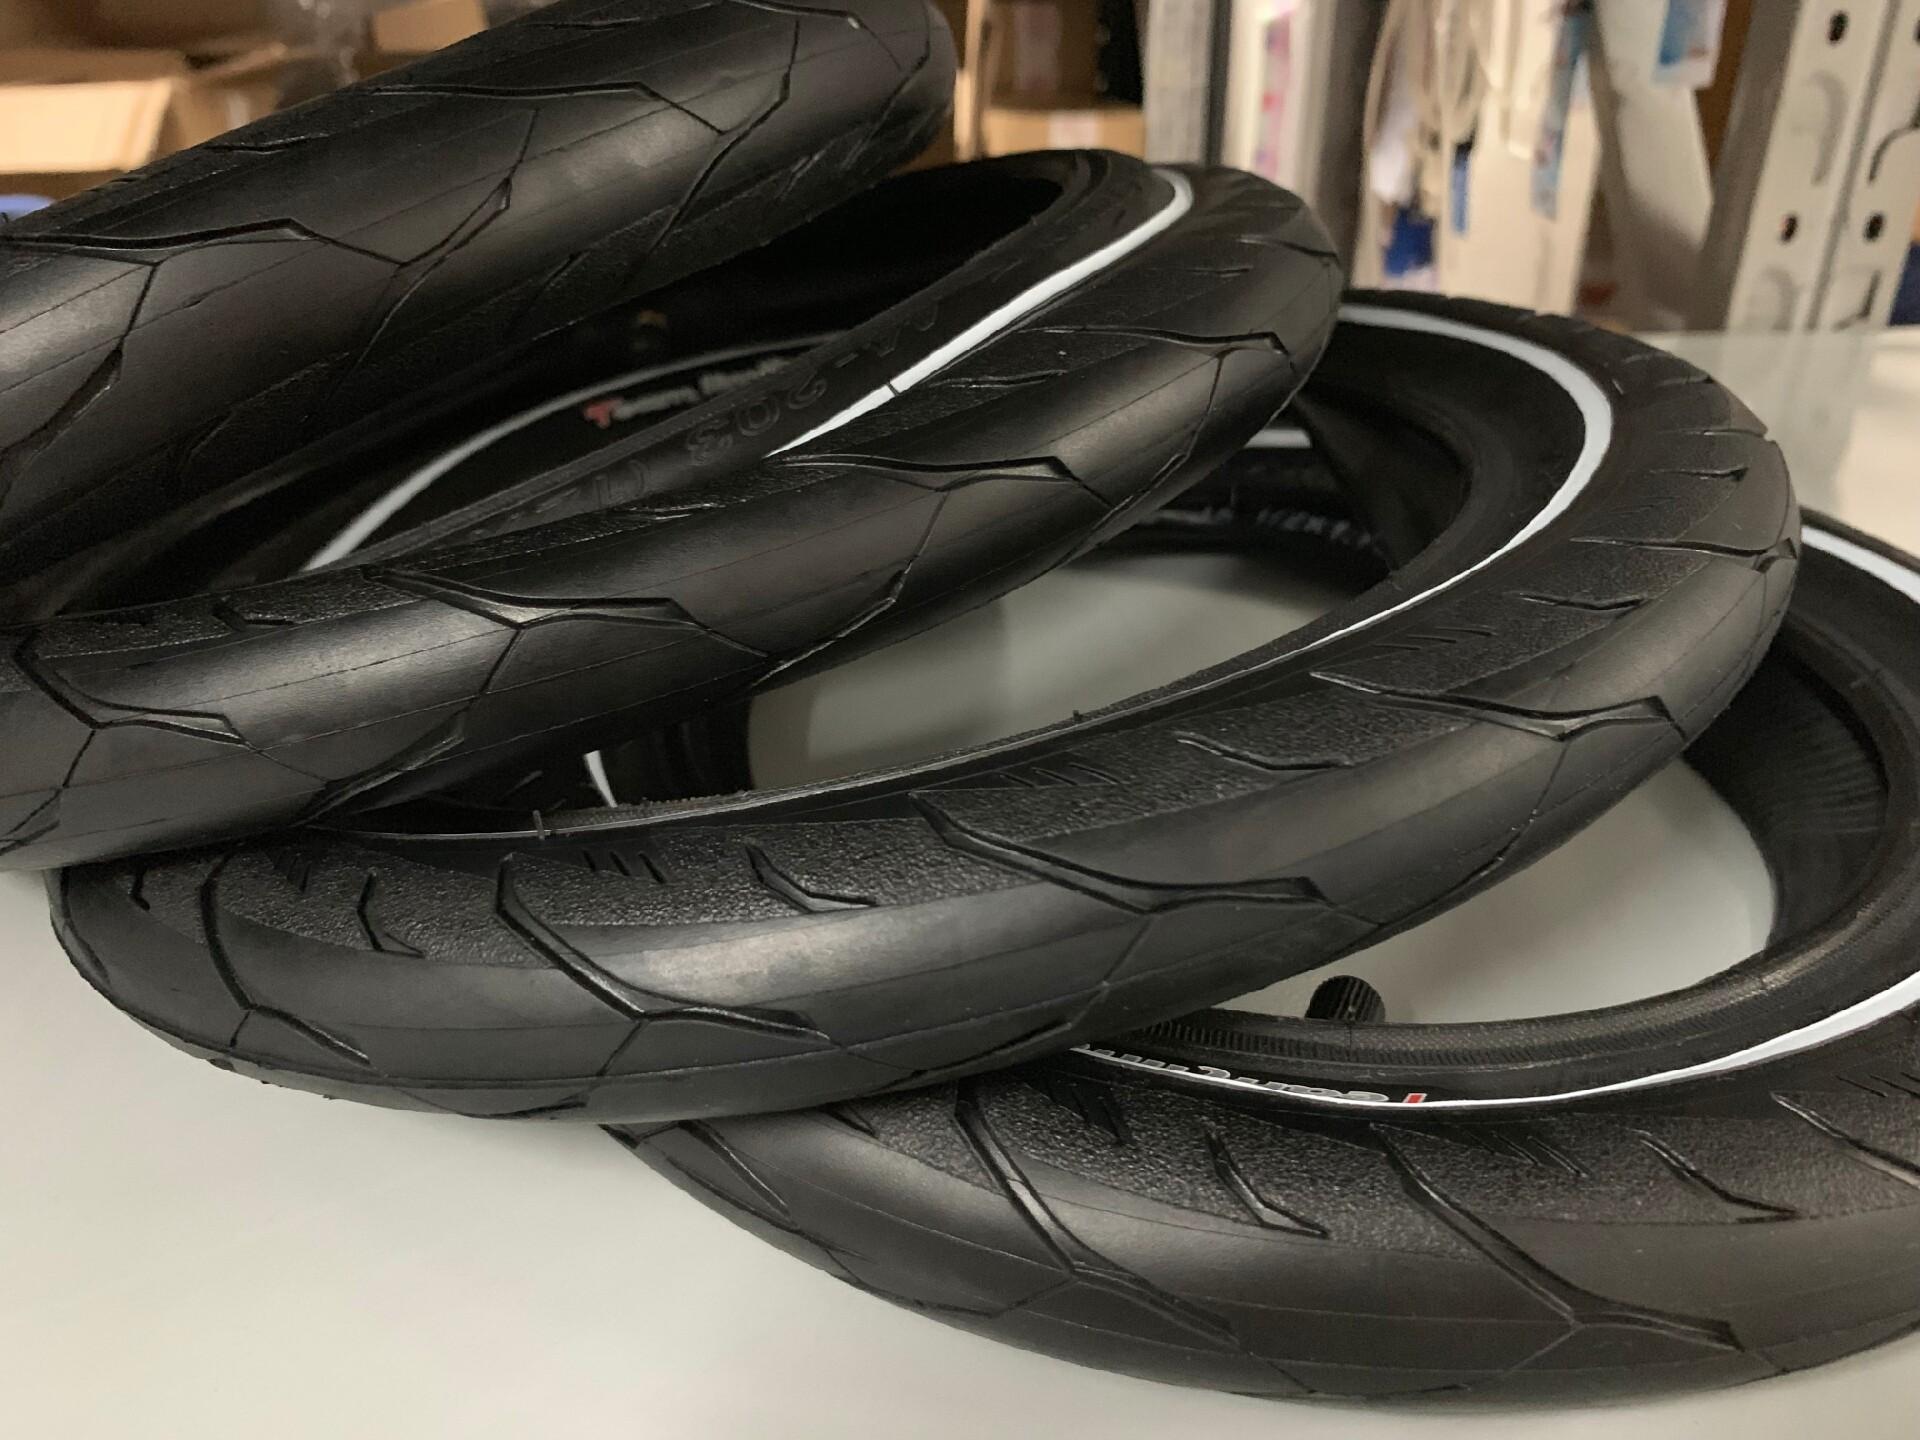 正新白边胎车队胎12寸儿童平衡车改装轮胎